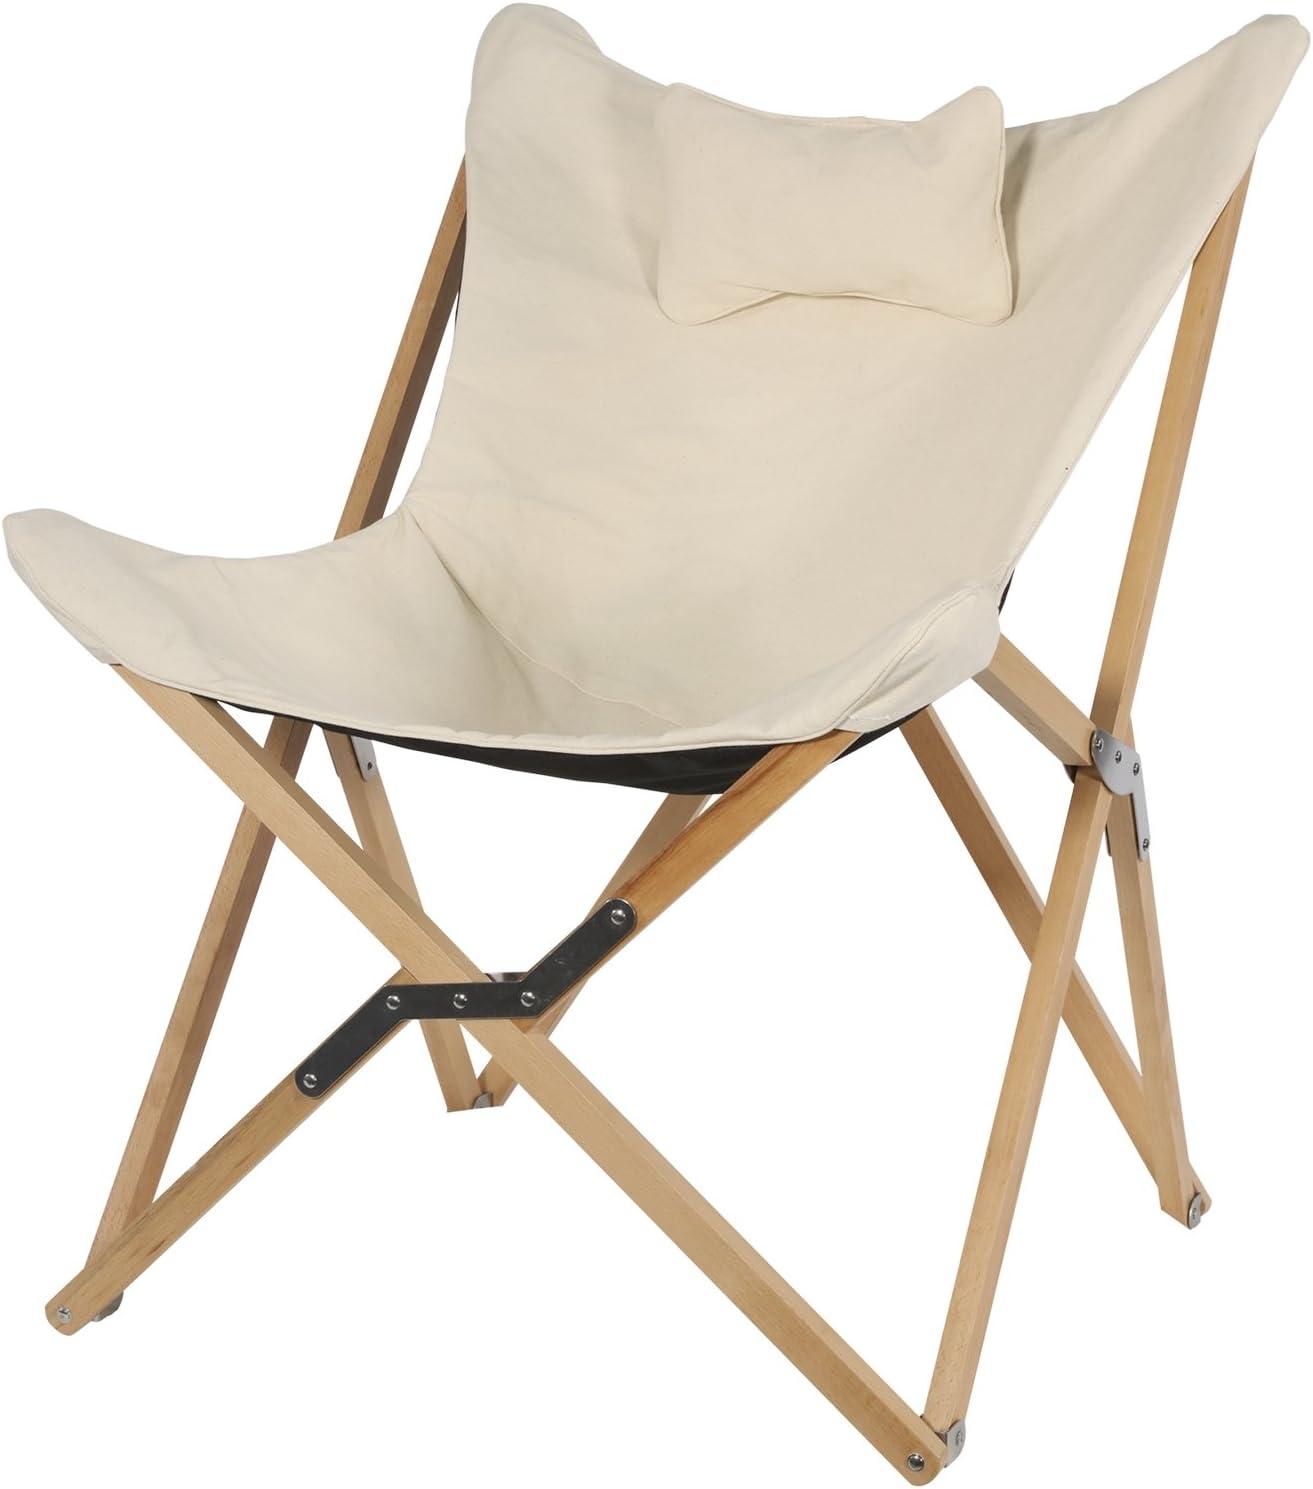 Lesli Living Sillón Naturel Estructura de Madera Plegable Mariposa Silla sillón (99x 73x 81